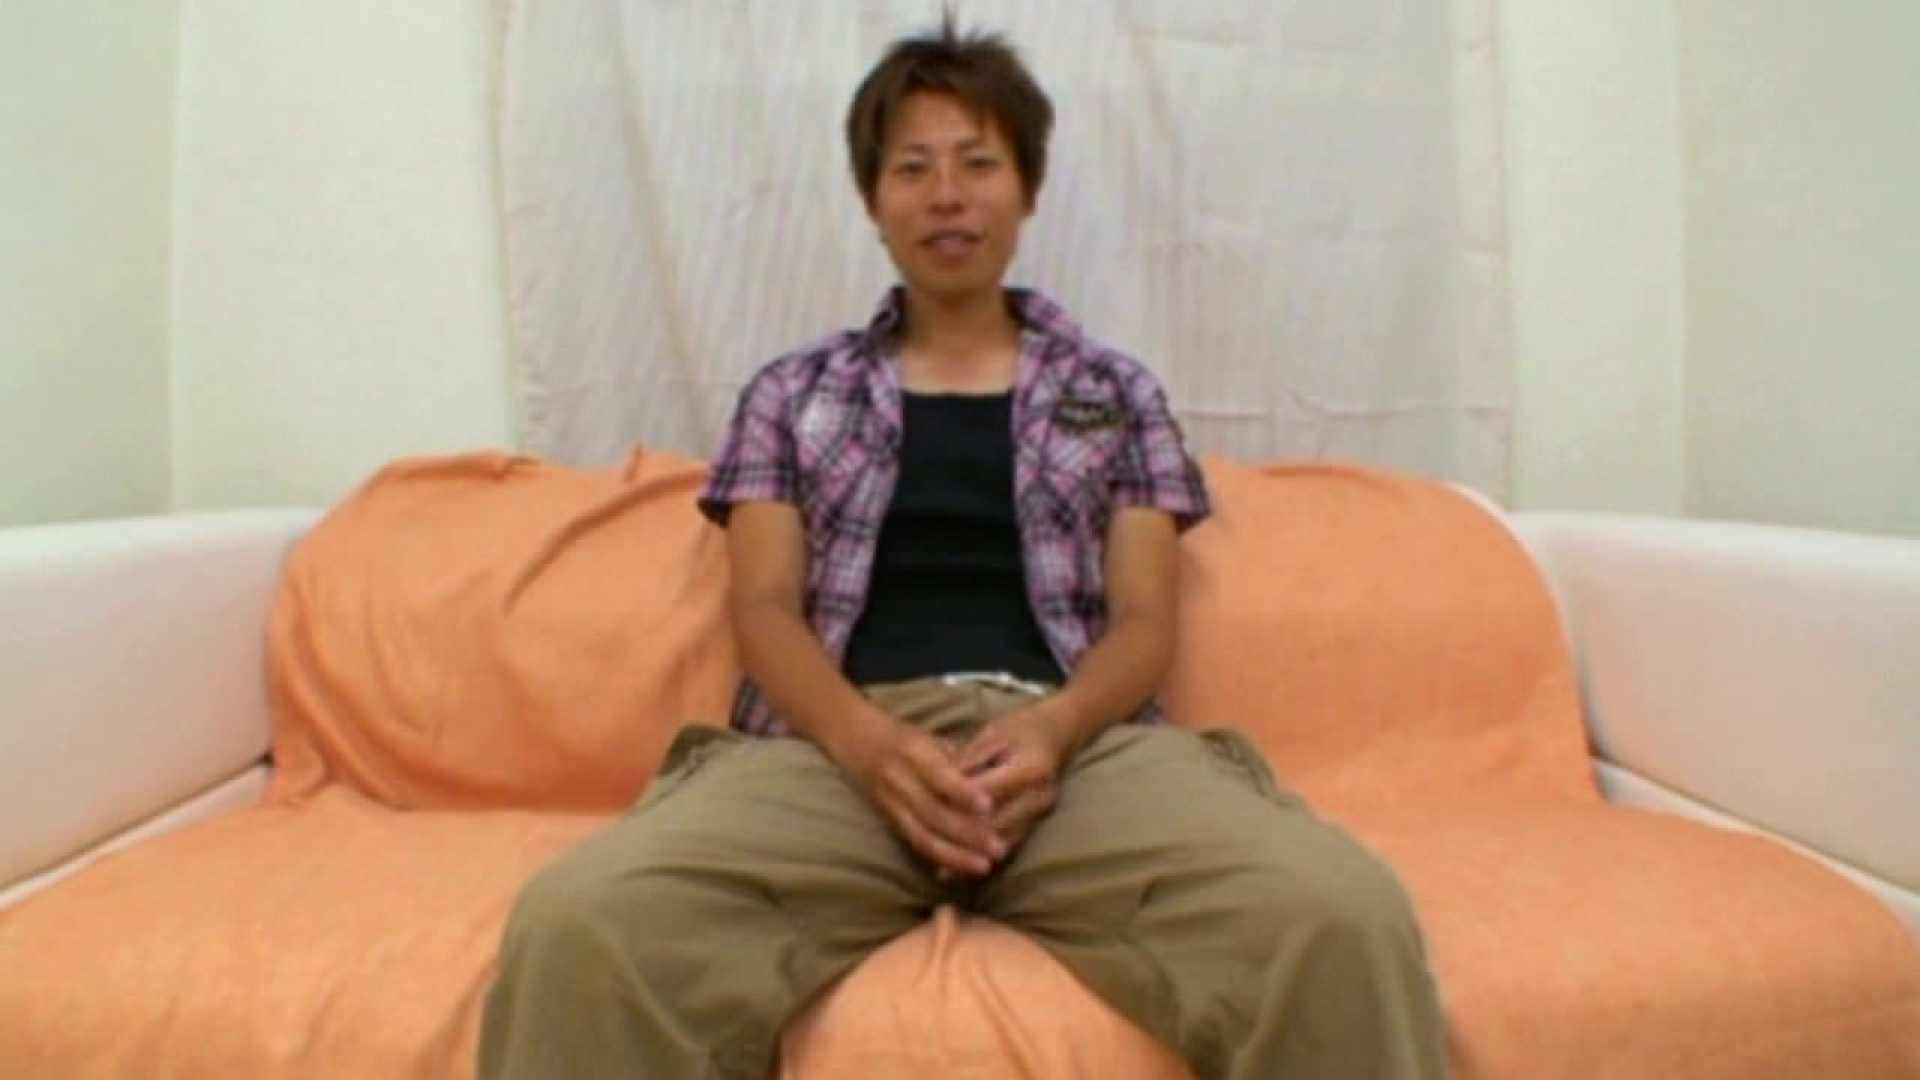 ノンケ!自慰スタジオ No.10 ノンケまつり ゲイ無料エロ画像 103枚 40